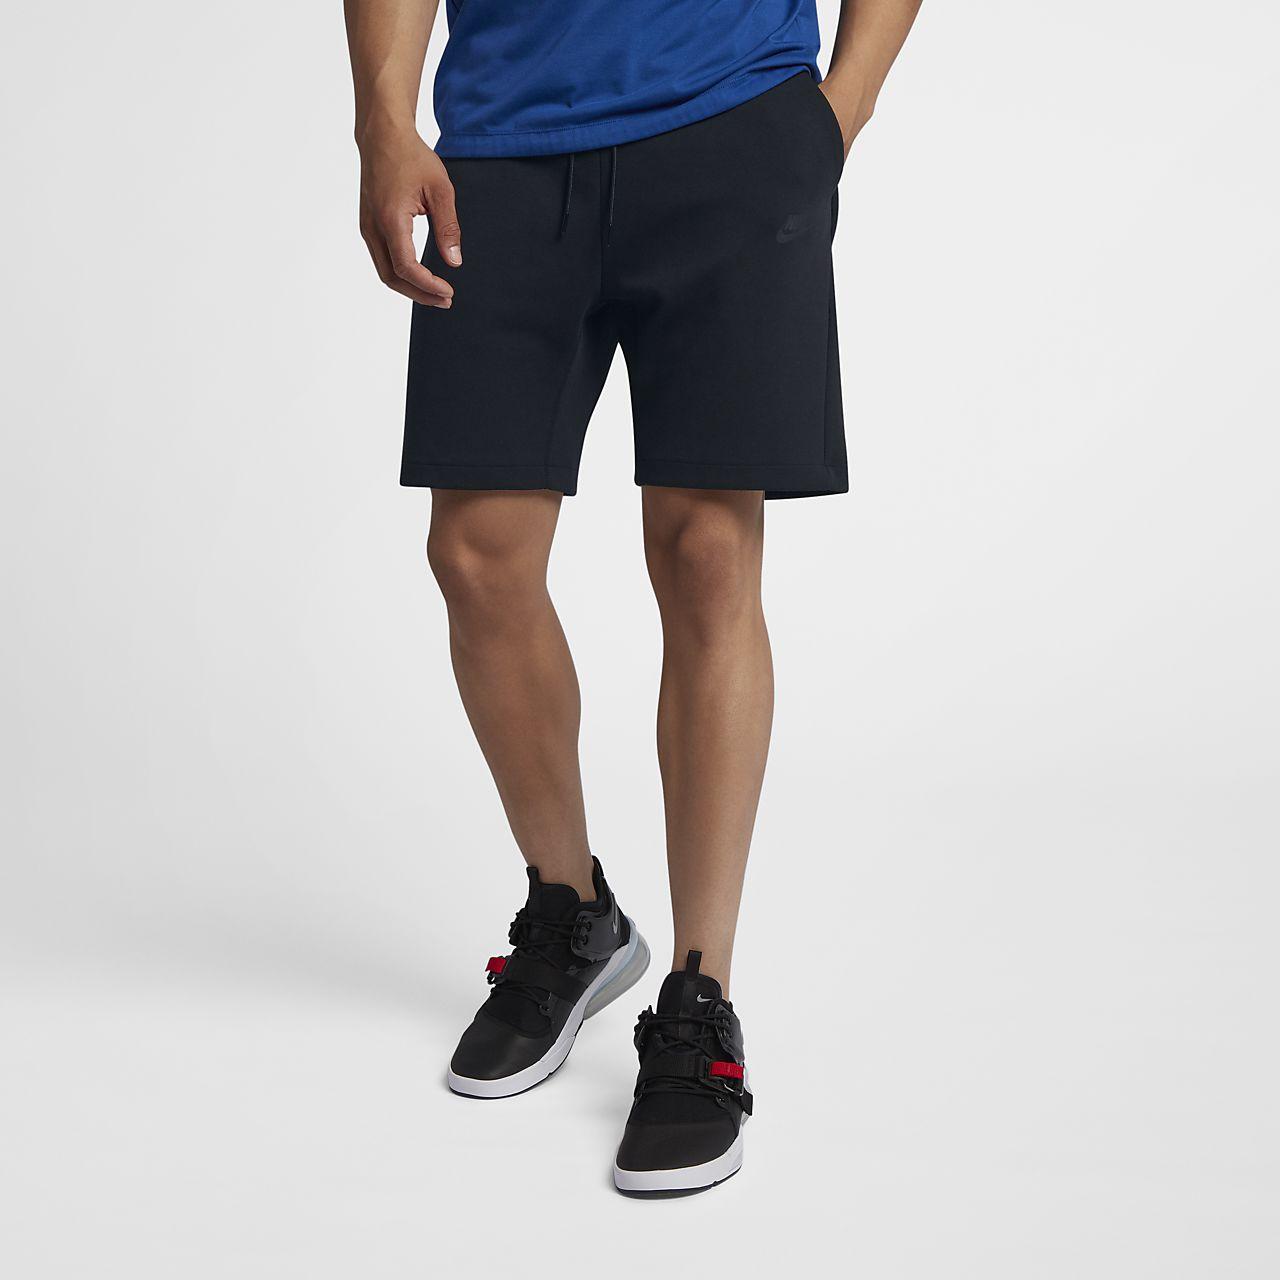 3869b9f9c0 Nike Sportswear Tech Fleece Men's Shorts